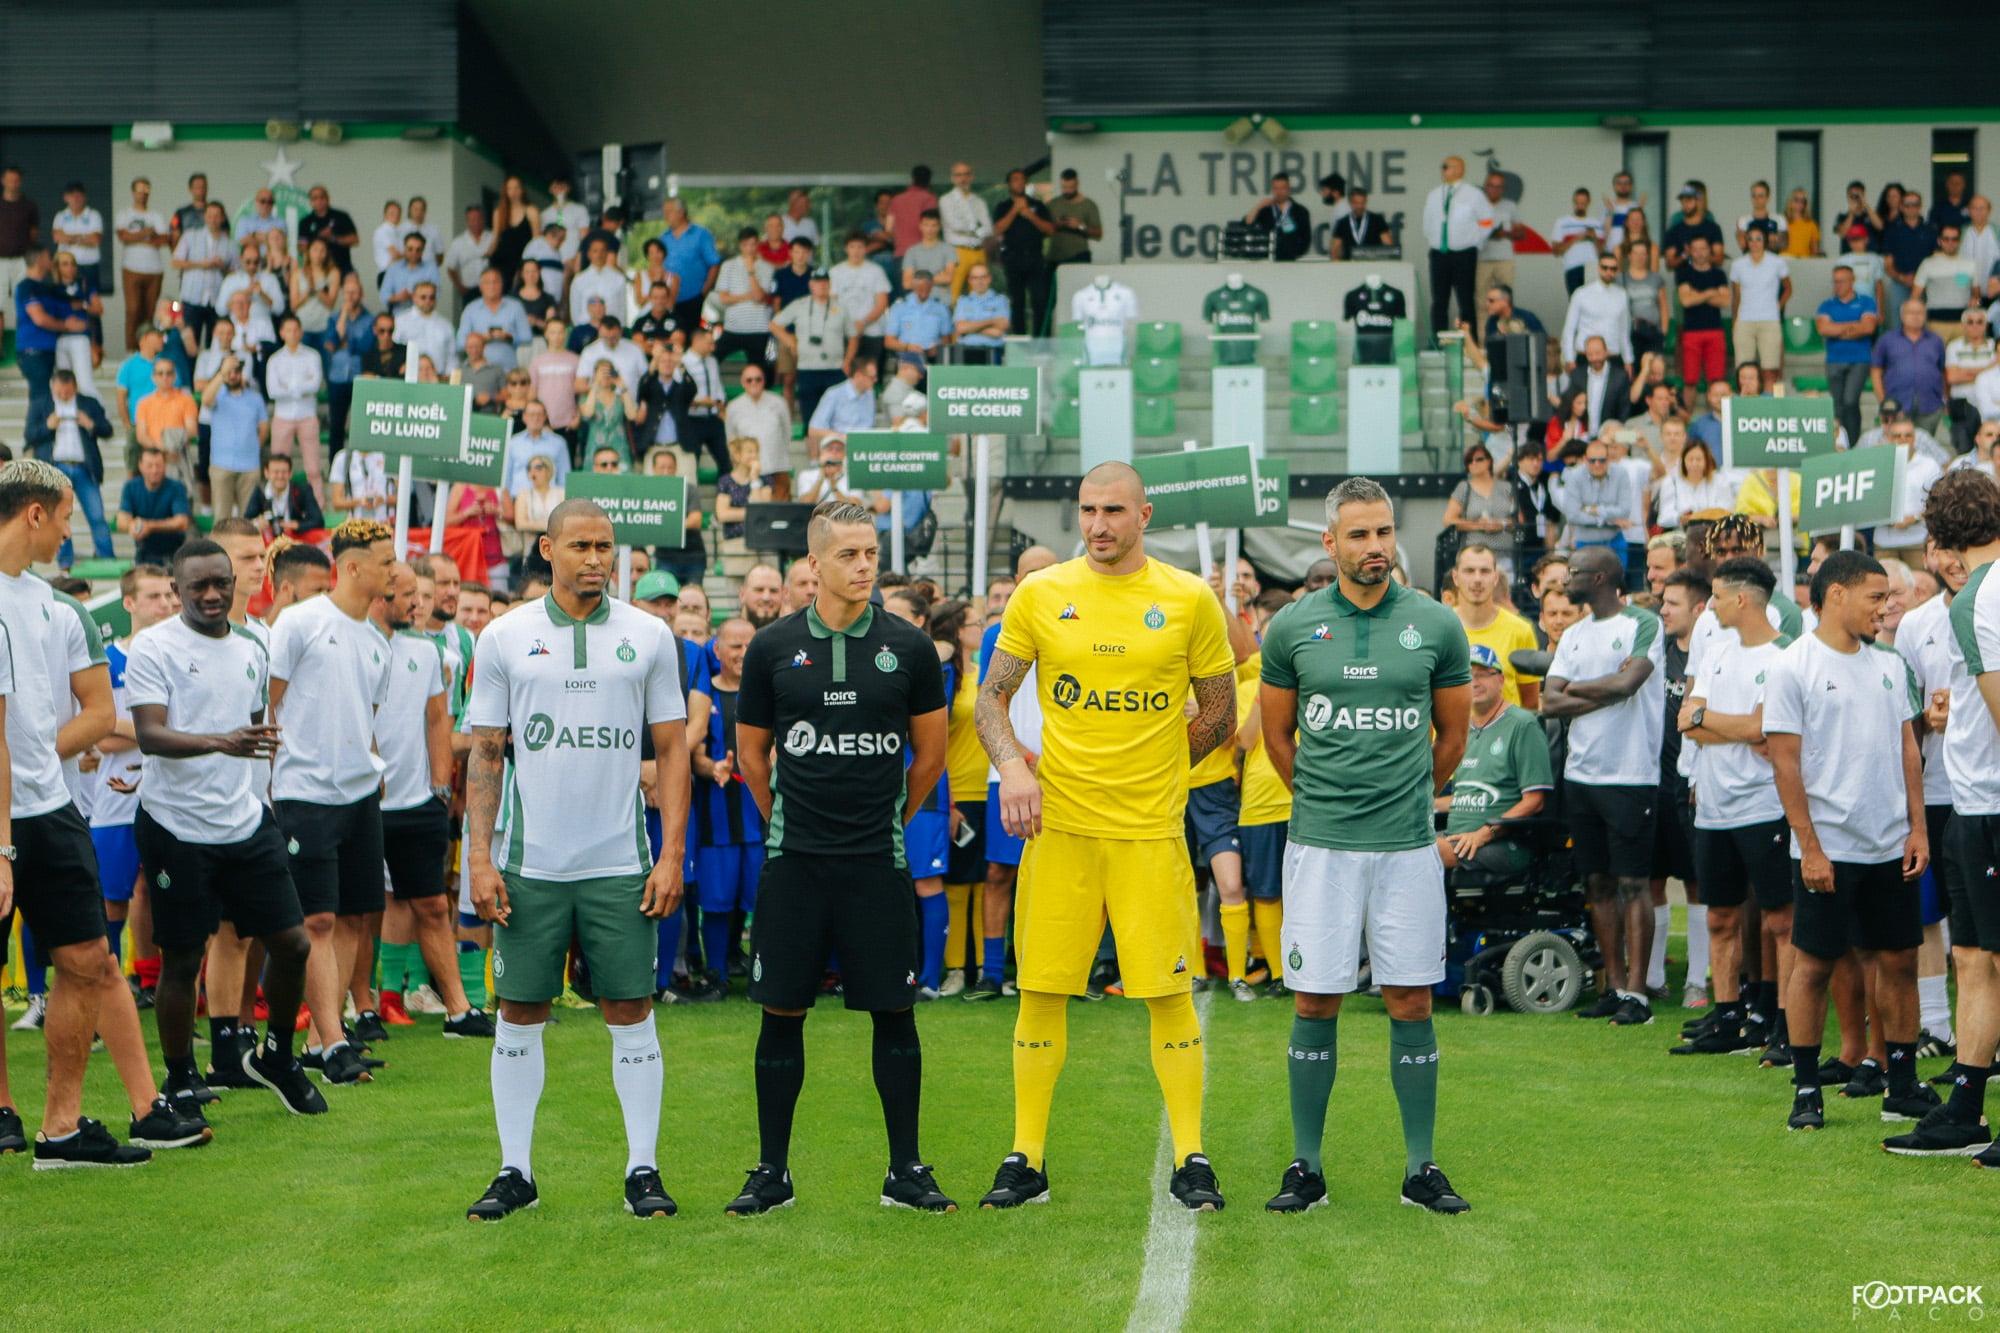 maillot-football-coq-sportif-asse-2018-2019-juin-2018